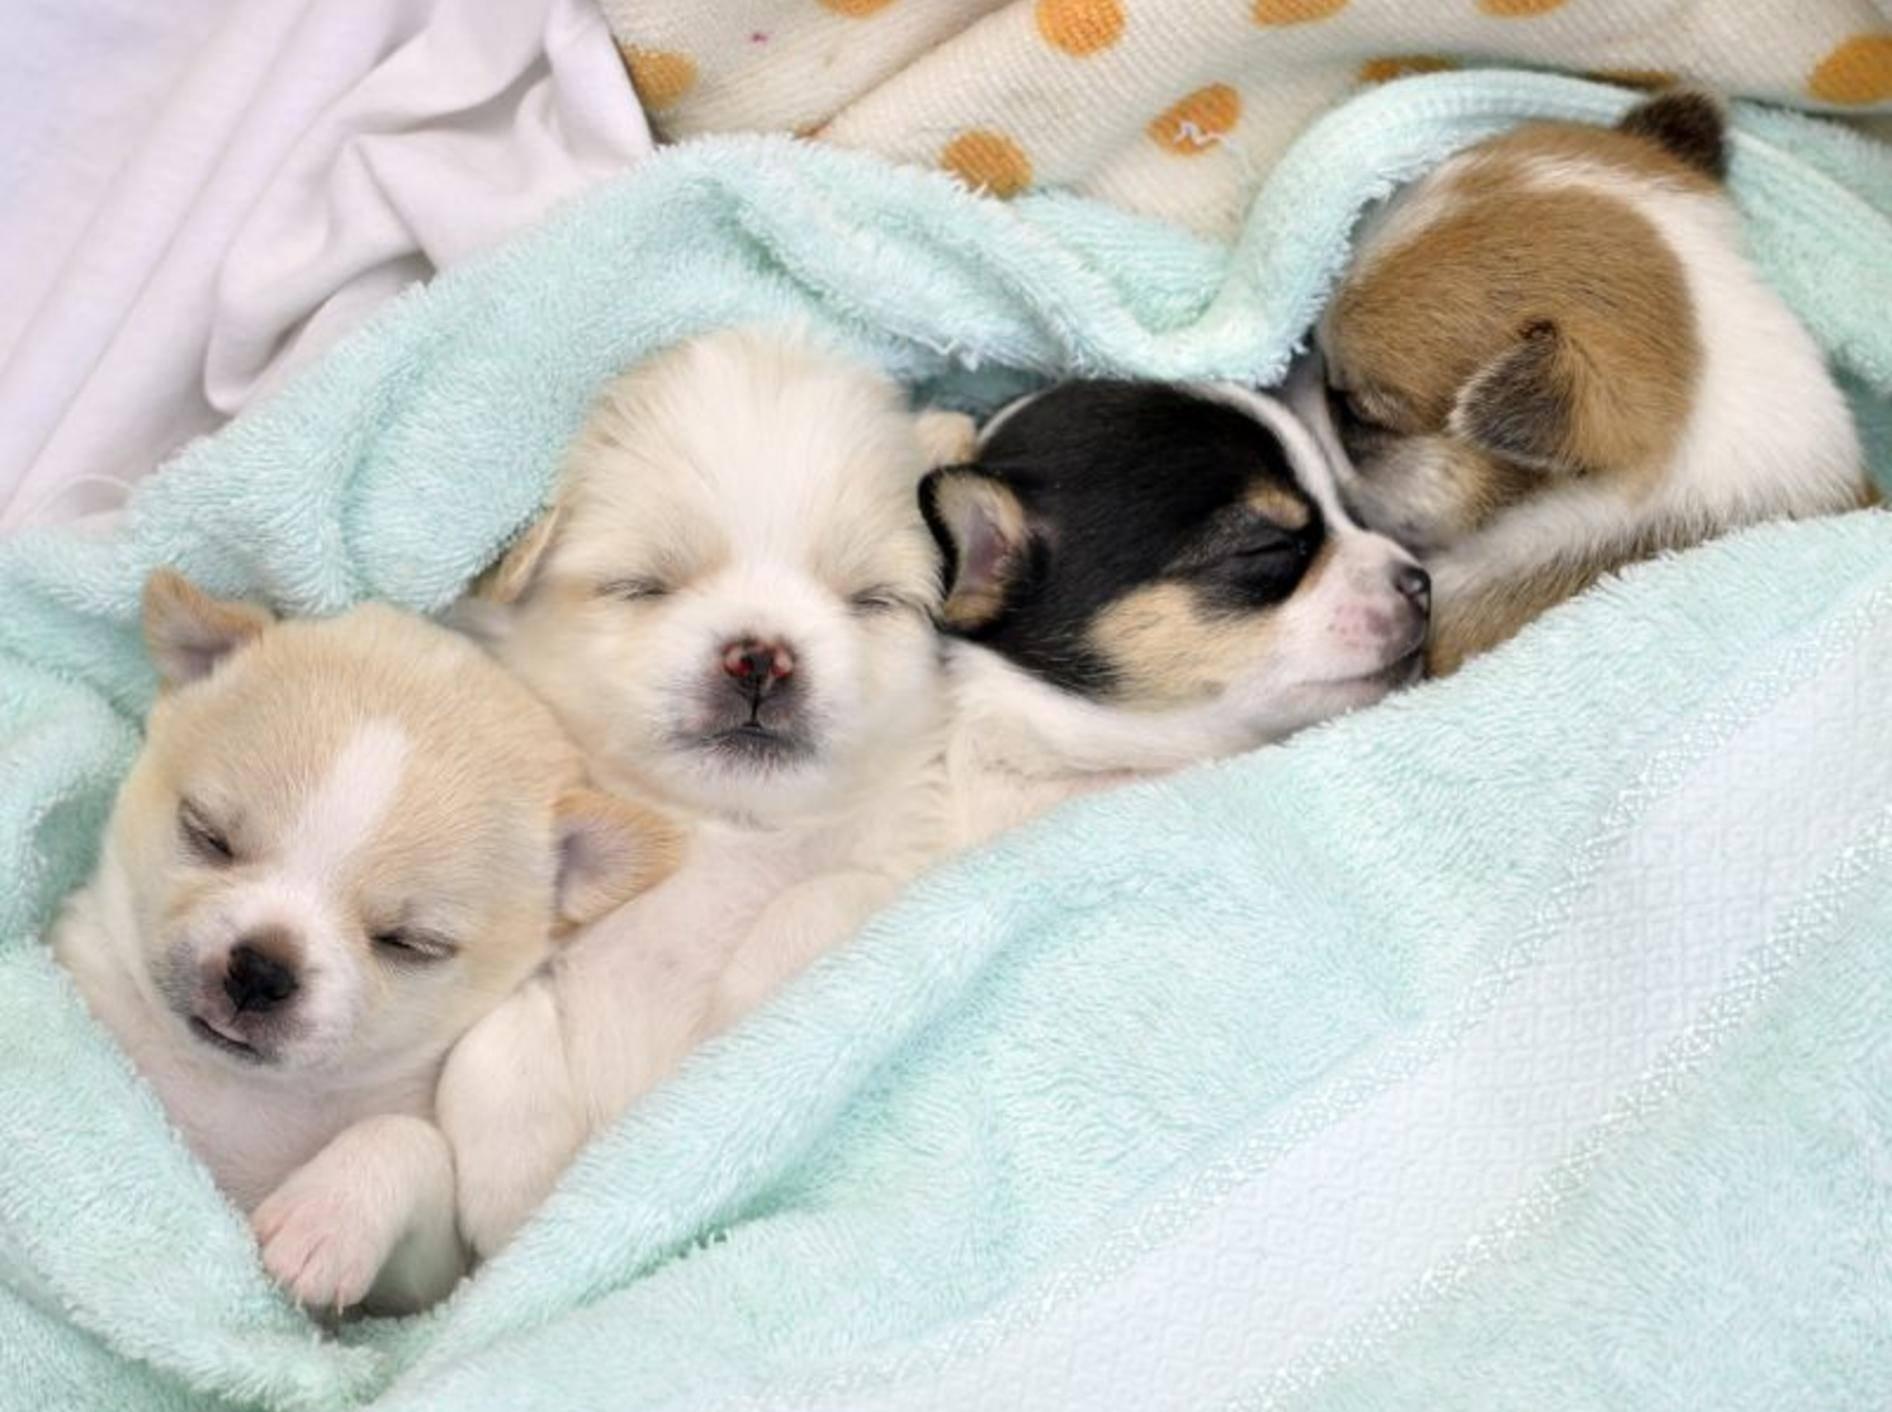 Wie süß: Eine kleine Chihuahua-Pyjama-Party – Bild: Shutterstock / Pimnana_01